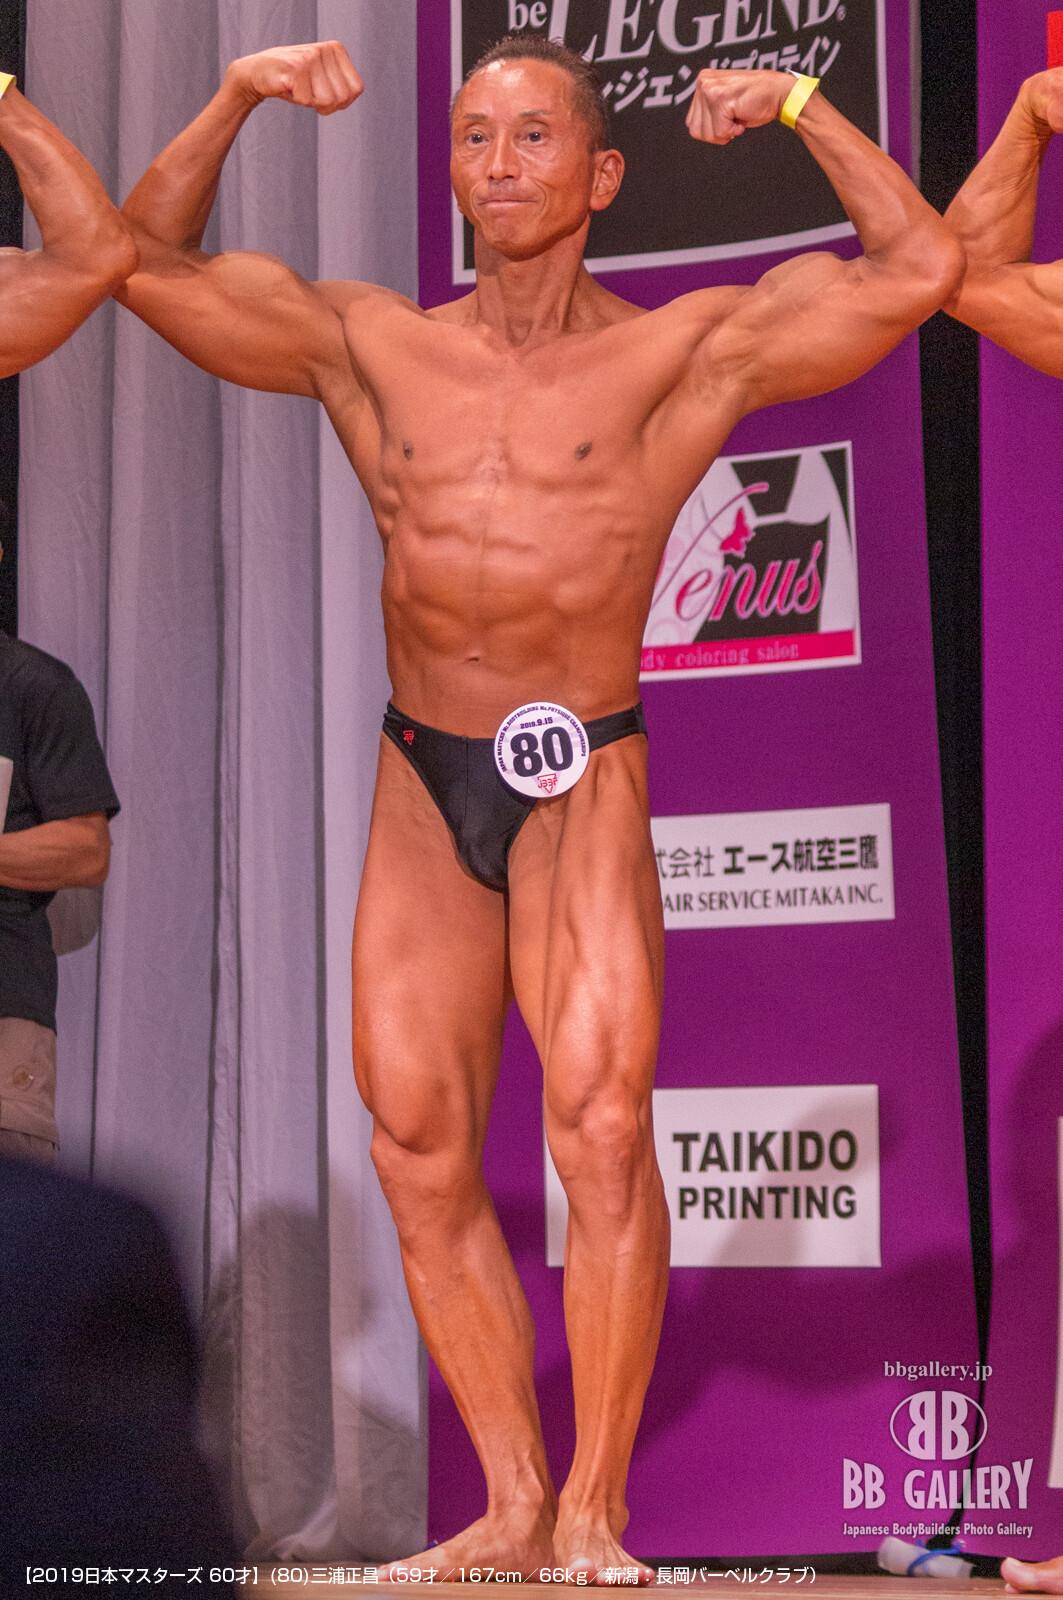 【2019日本マスターズ 60才】(80)三浦正昌(59才/167cm/66kg/新潟:長岡バーベルクラブ)